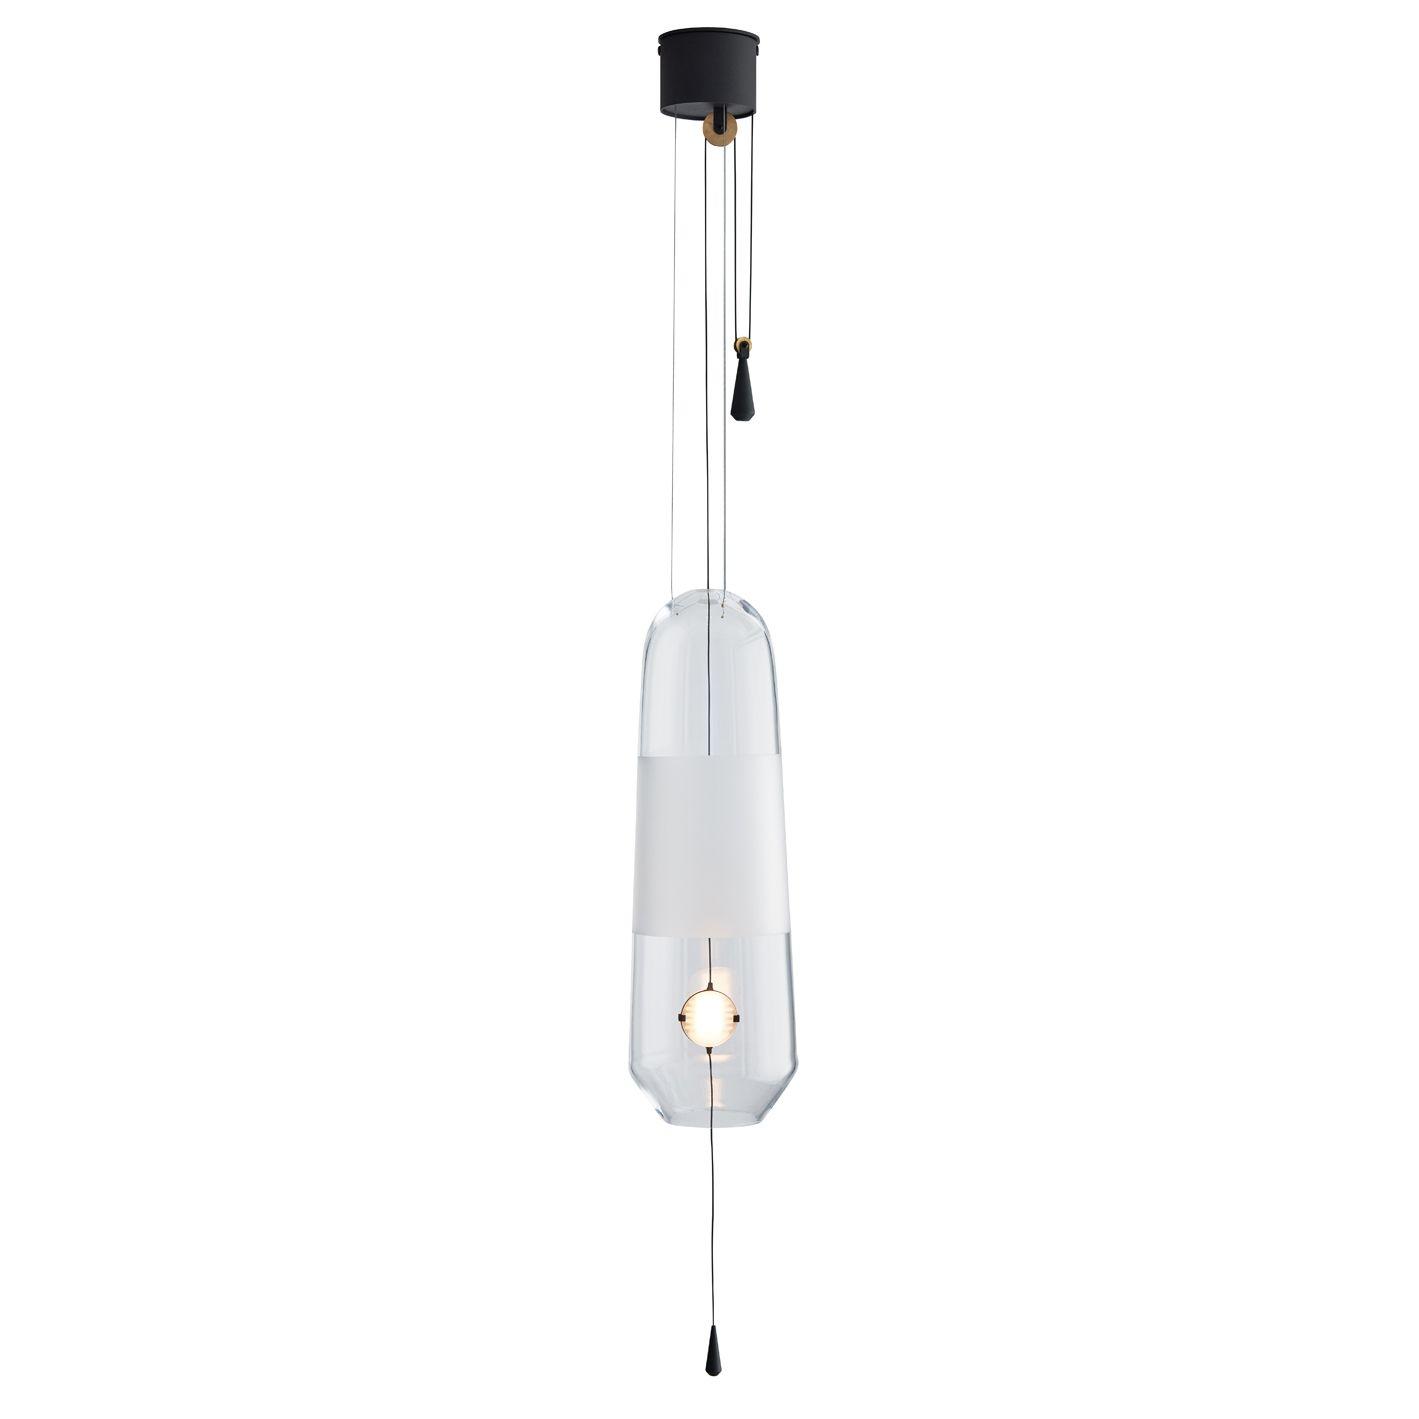 Limpid hanglamp L Hollands Licht transparant verstelbaar